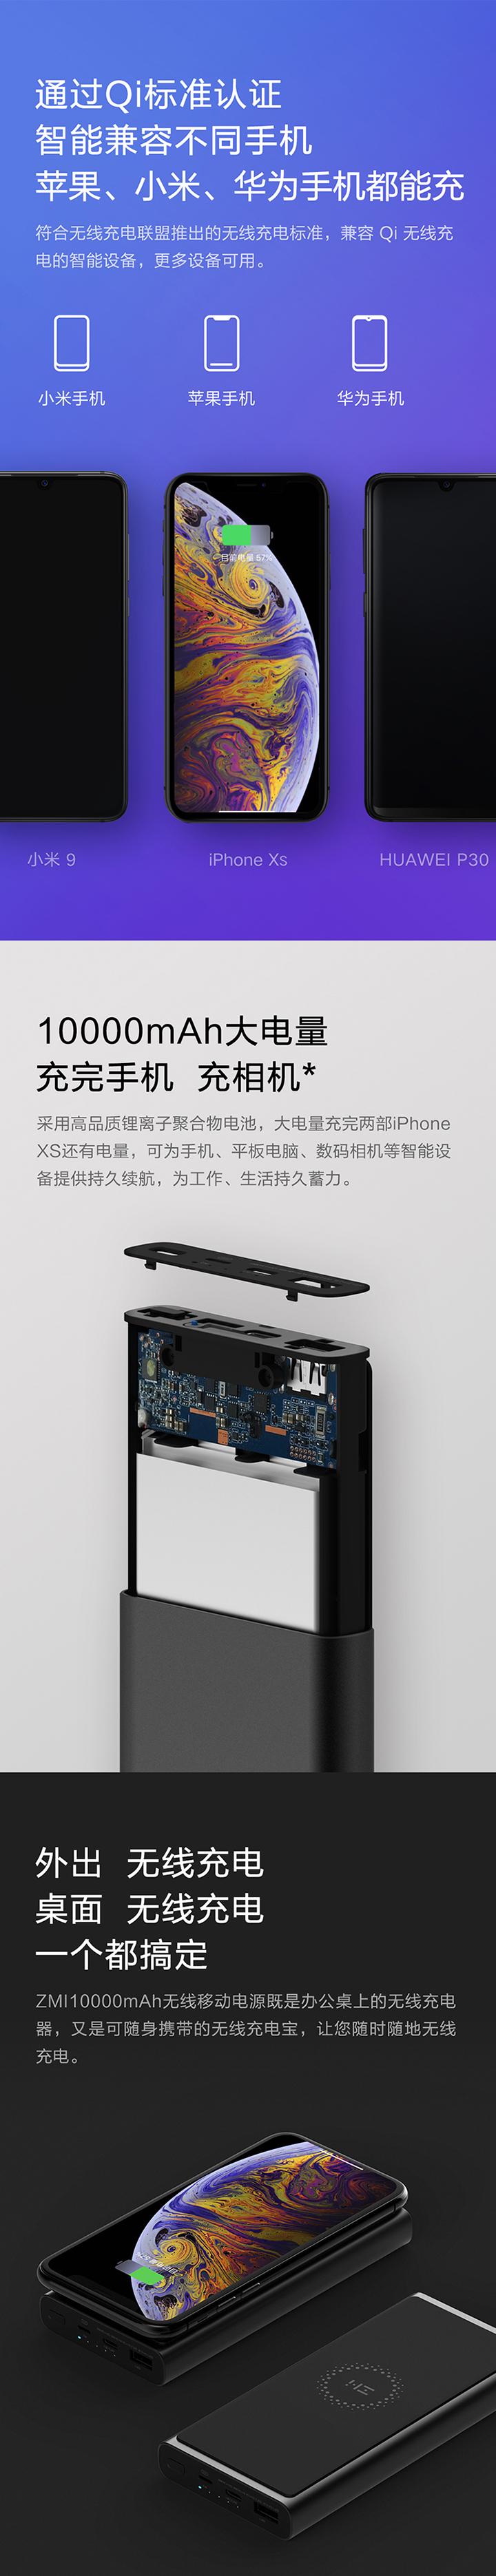 【全网首发】紫米无线充电源免费试用,评测